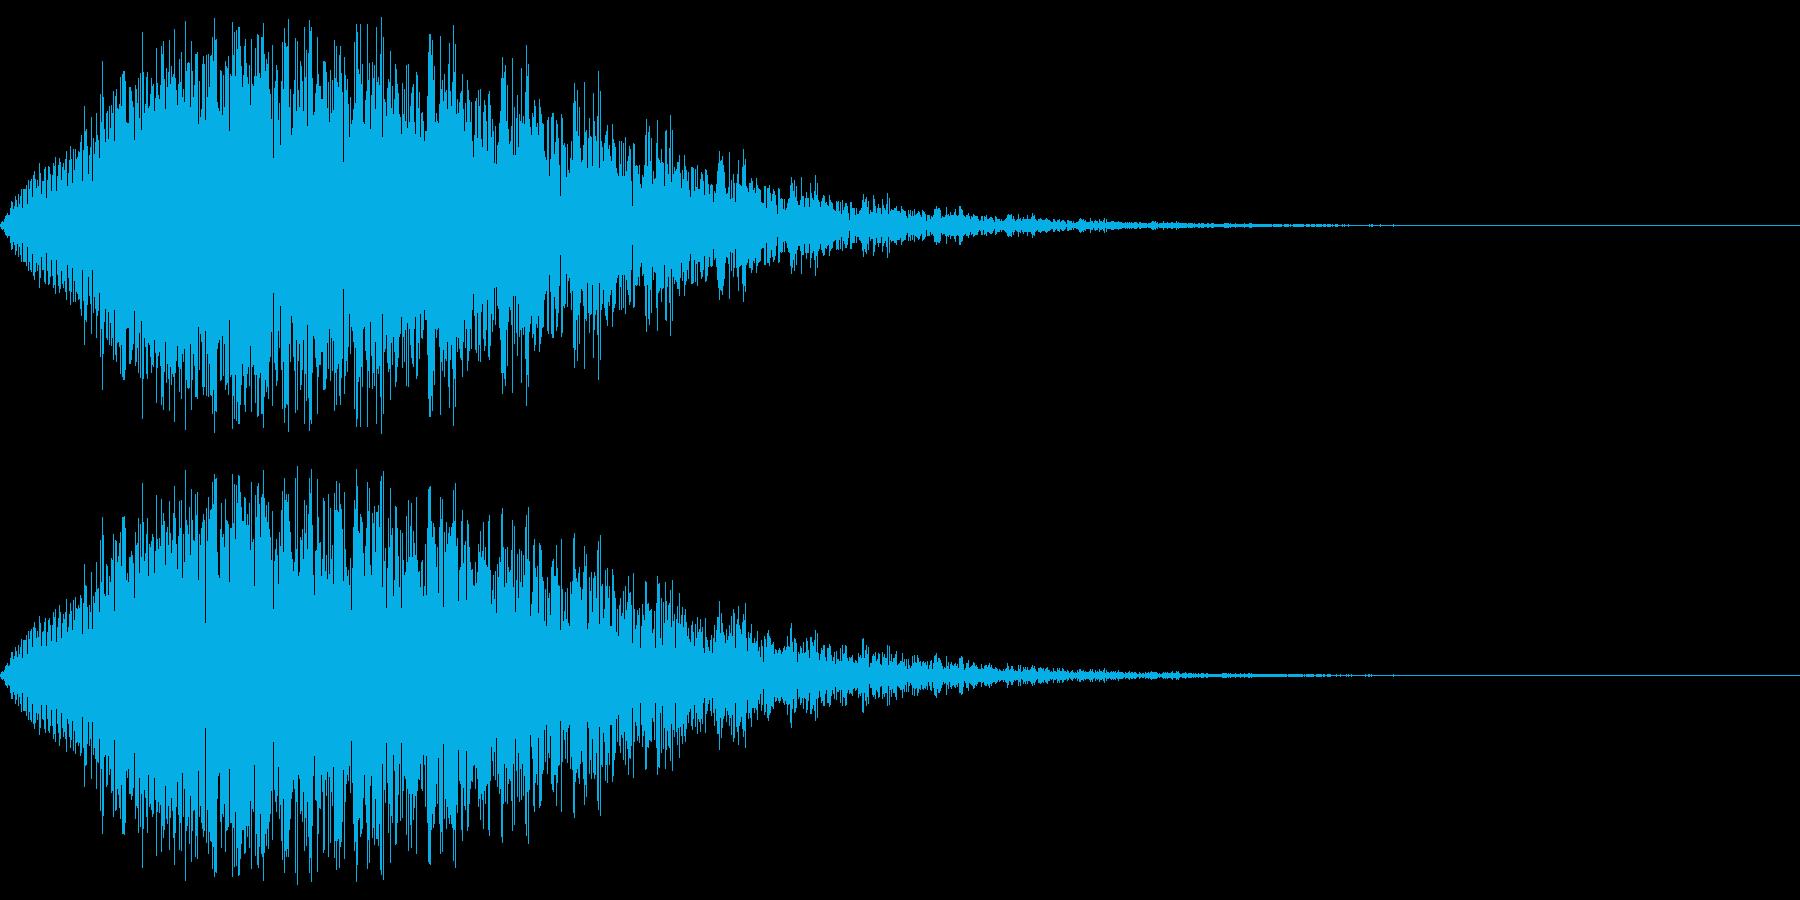 奇妙なピアノの低音の再生済みの波形